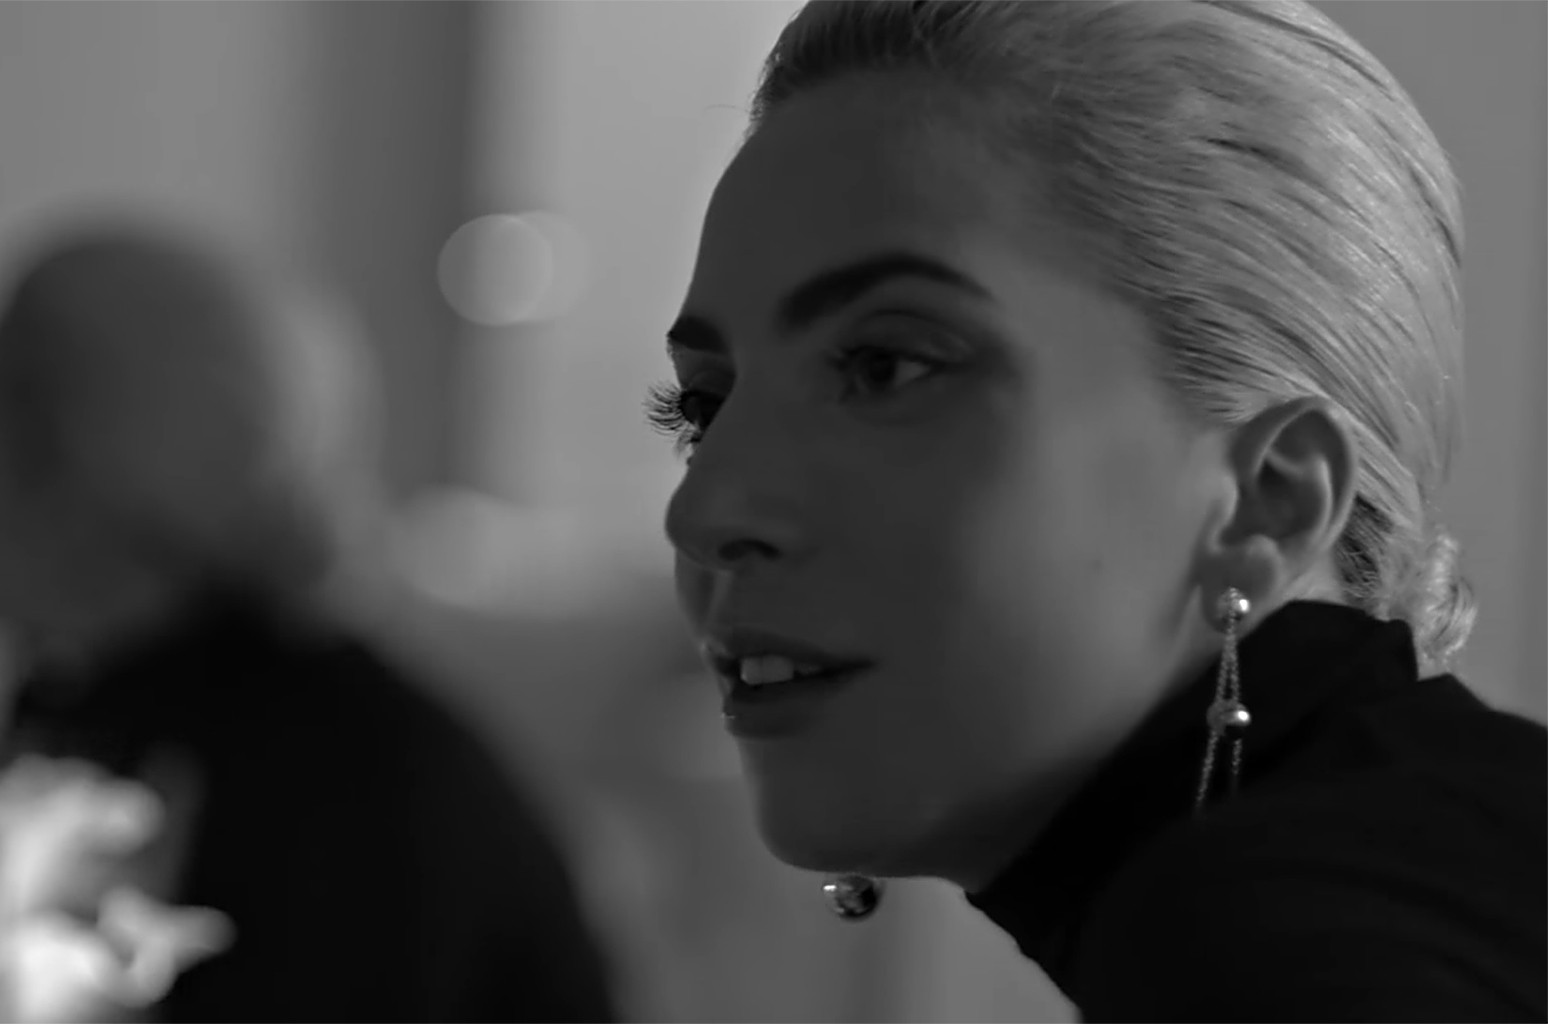 Tiffany & Co. - Introducing Lady Gaga for Tiffany HardWear